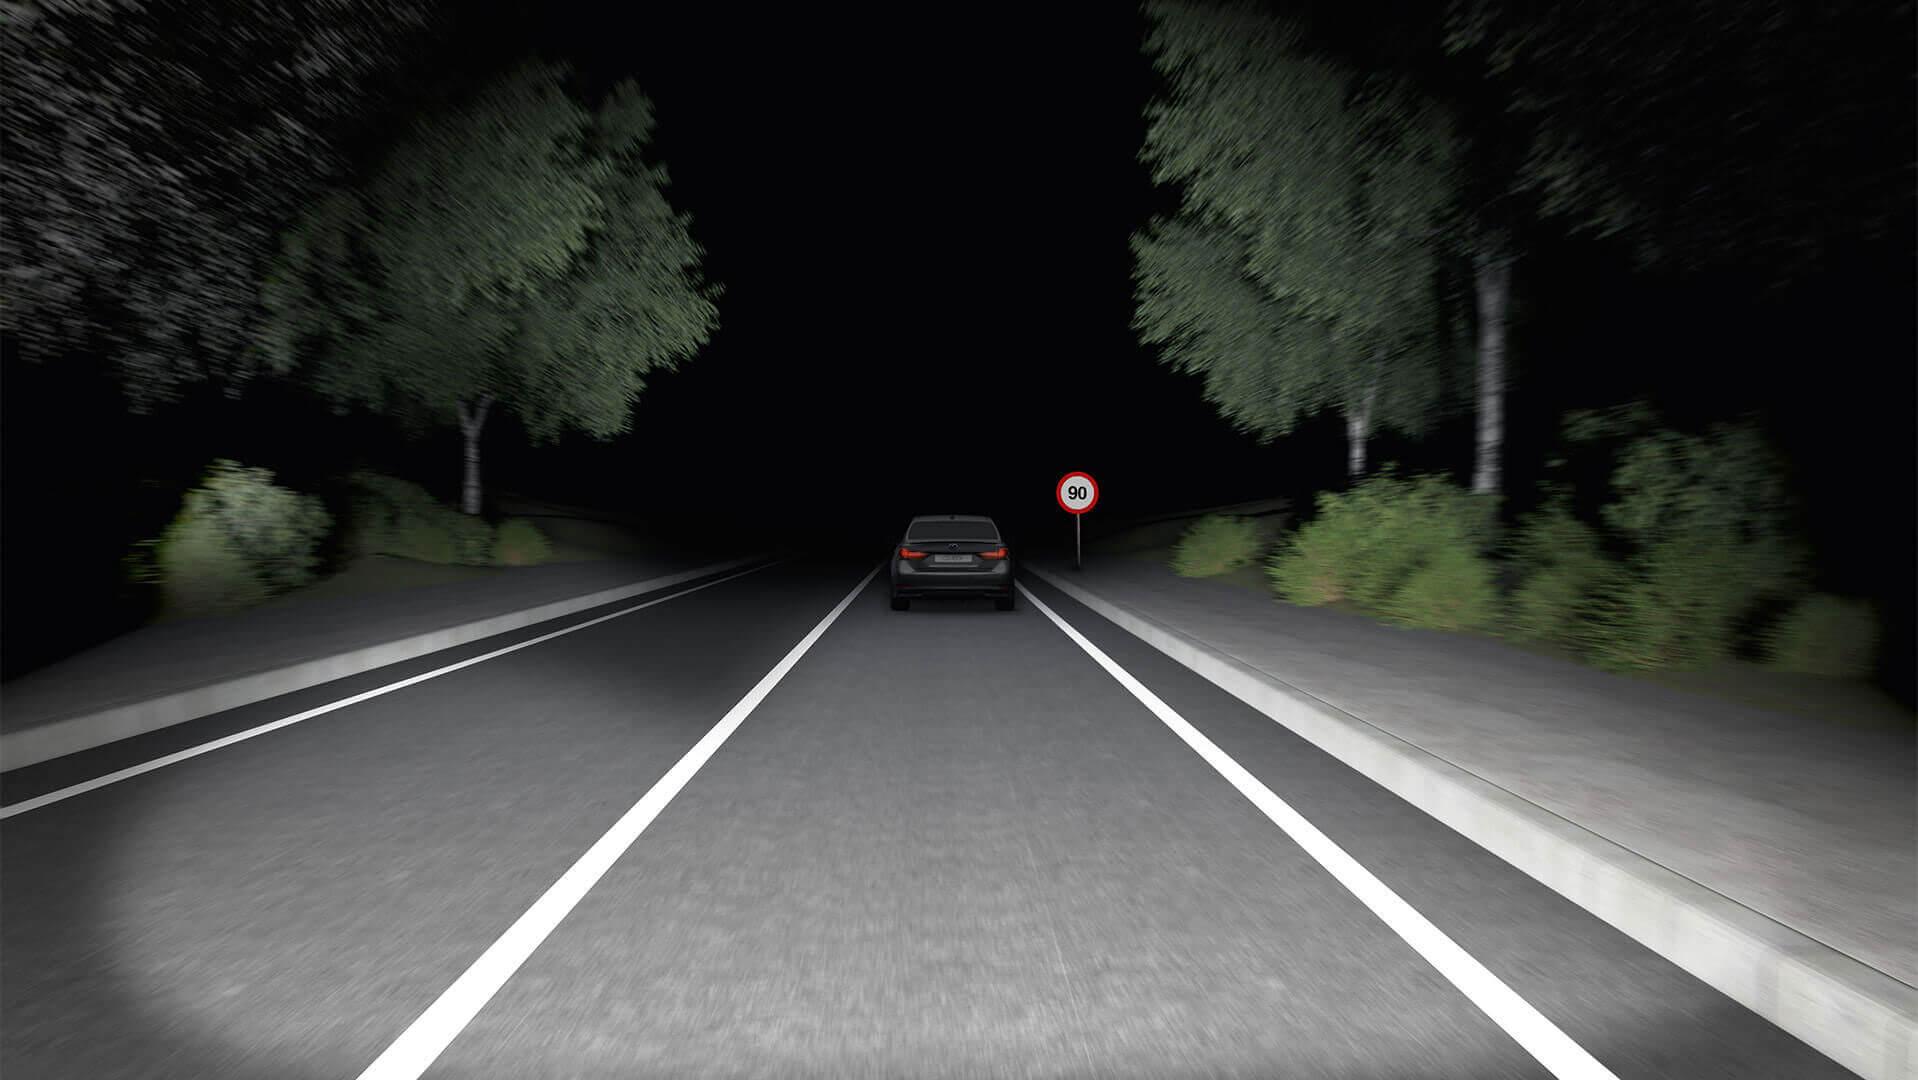 2016 lexus gs 450h features road sign assist